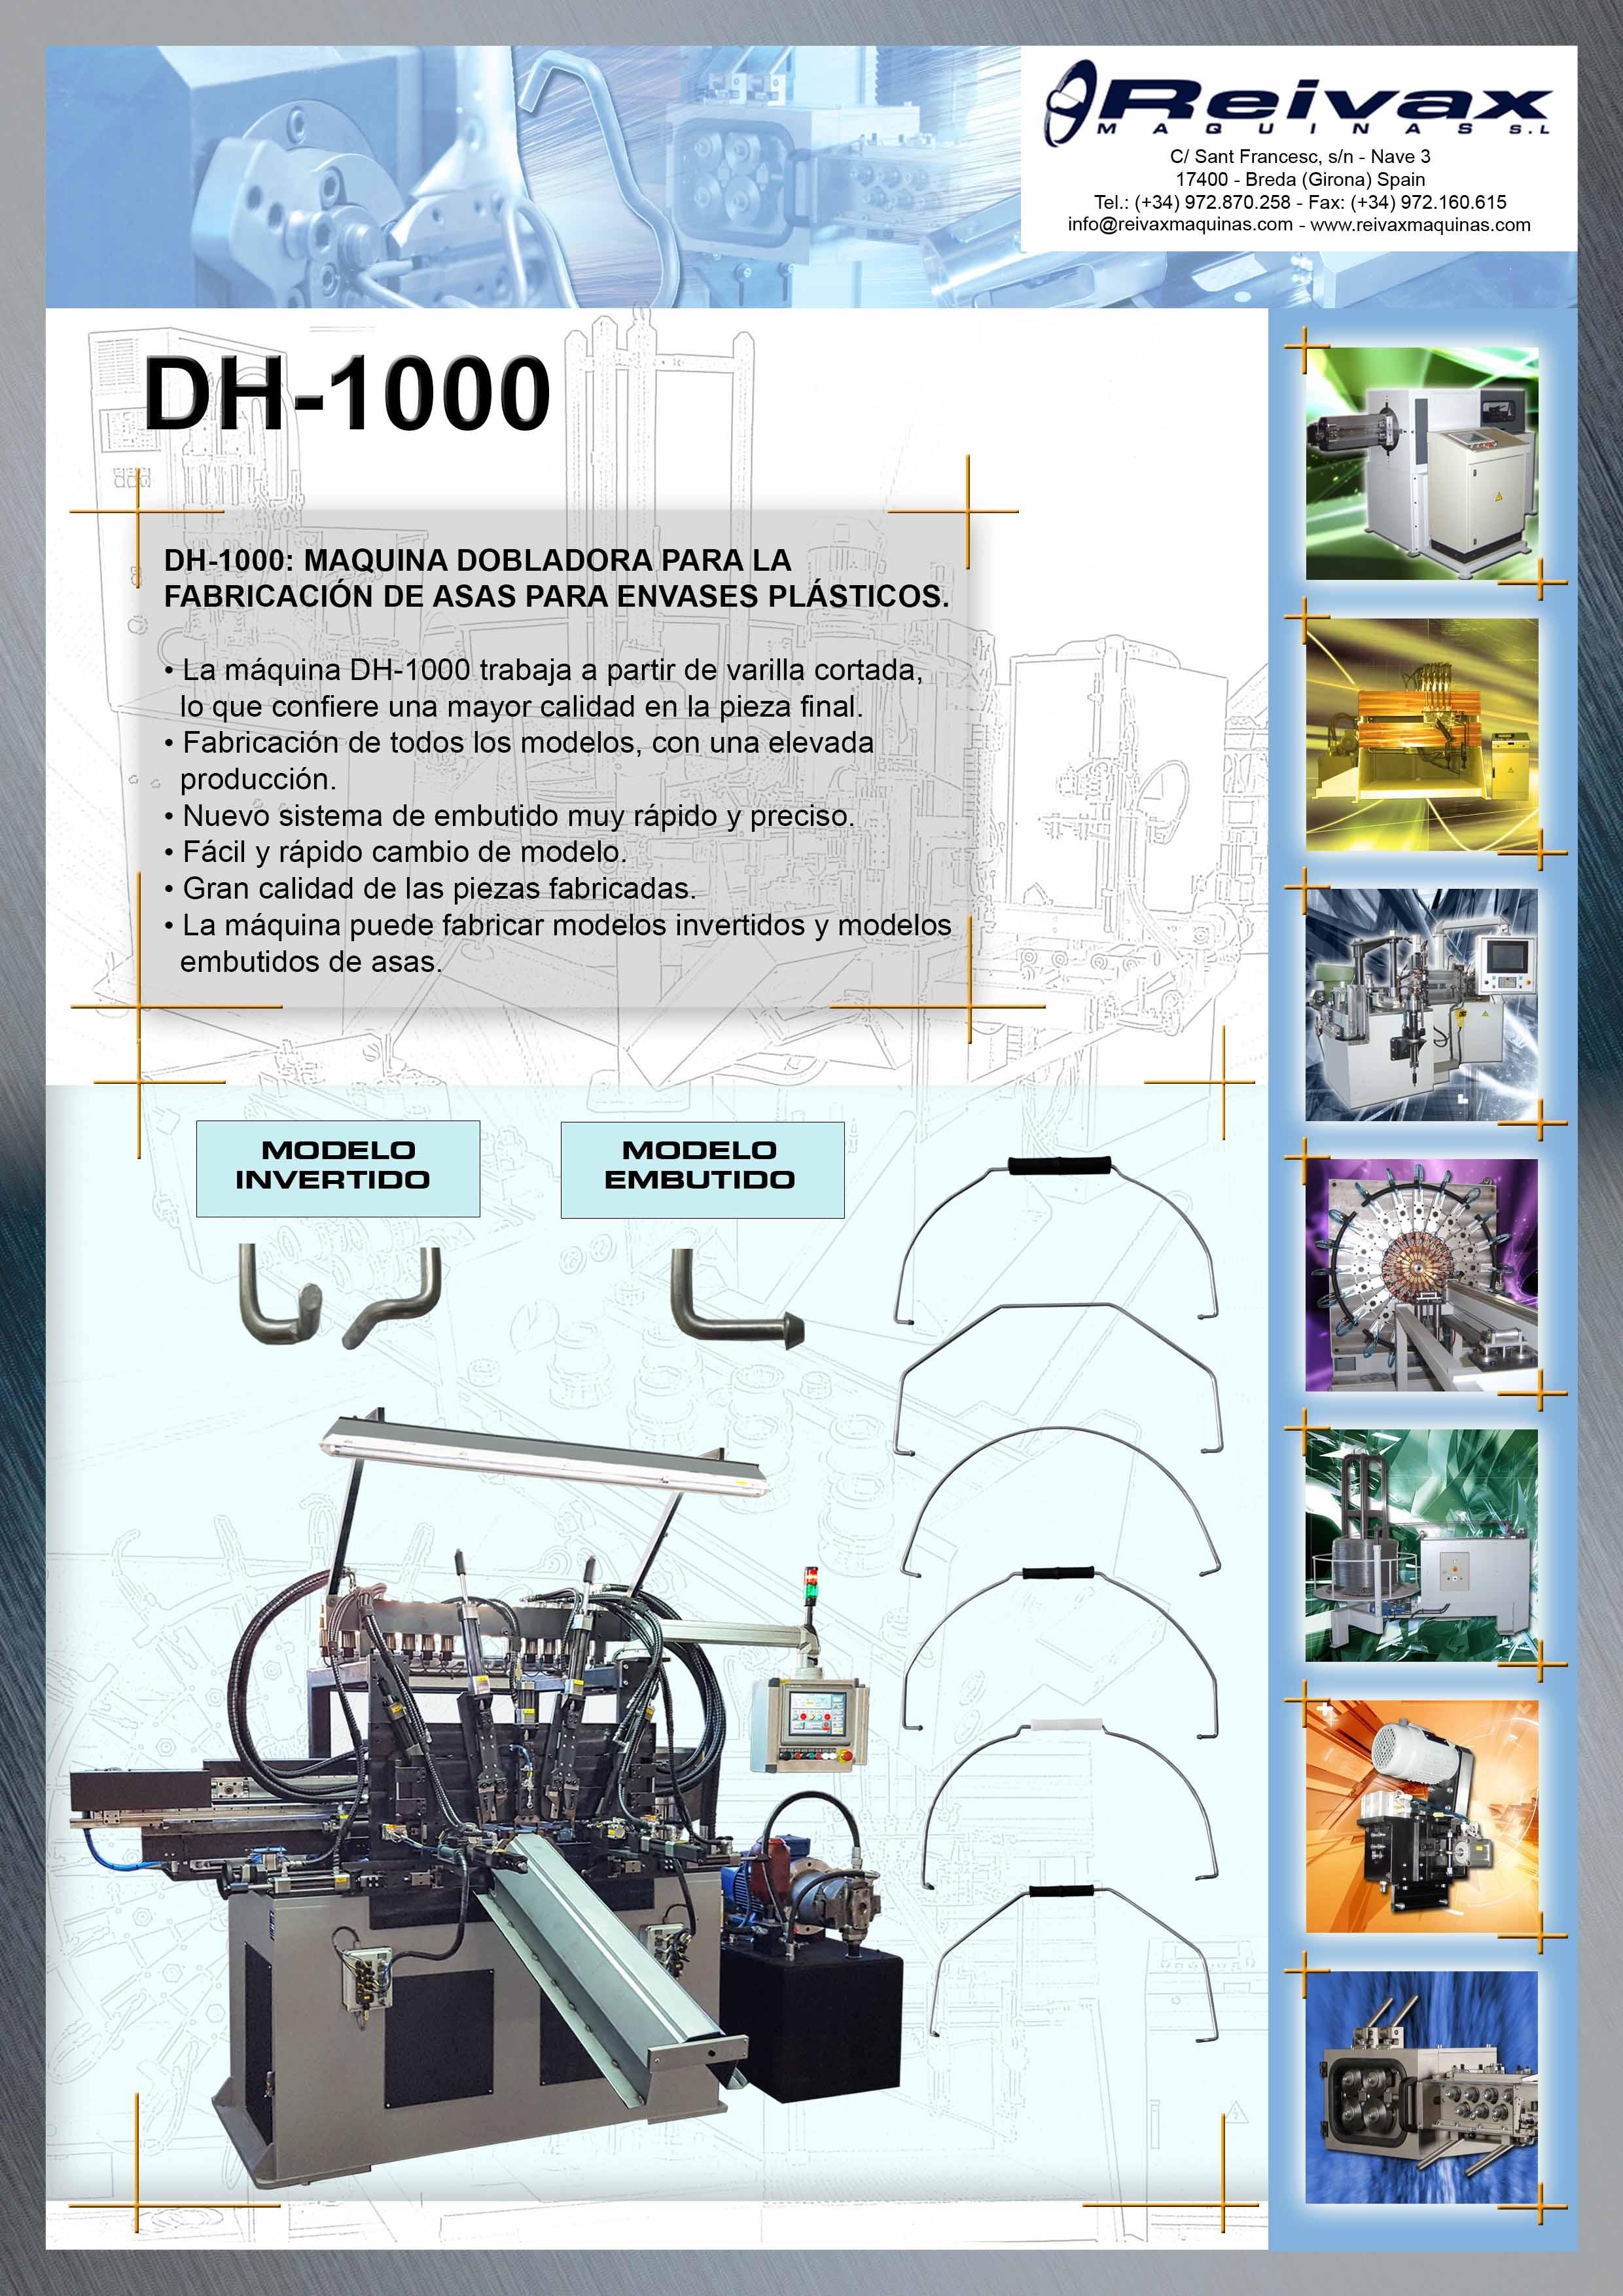 ReivaxMaquinas: Ficha Tecnica DH-1000 - Máquina para la Fabricación de Asas para Envases Plasticos